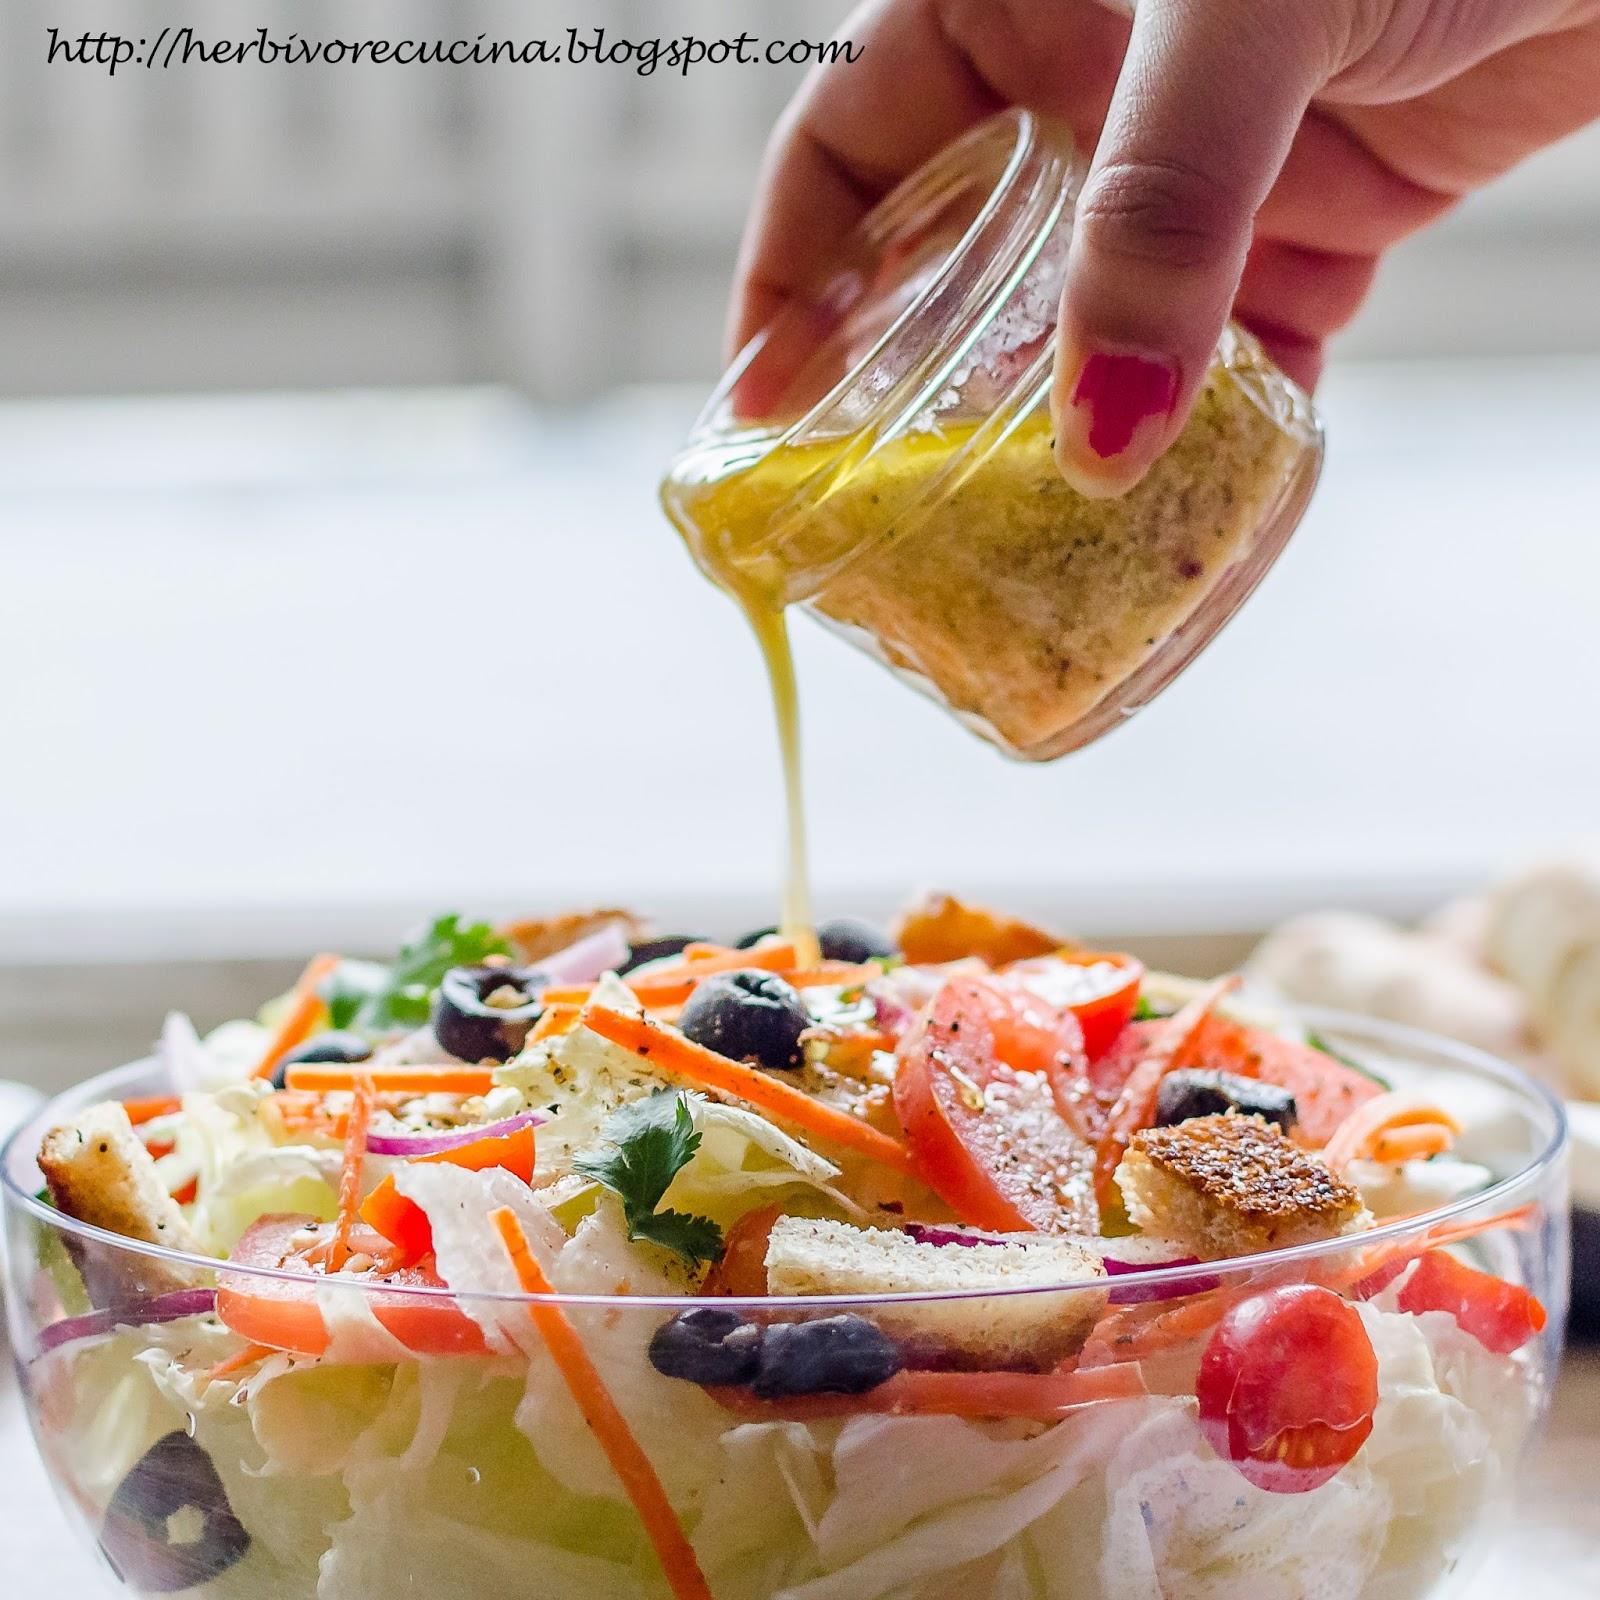 Herbivore Cucina Olive Garden Salad Dressing